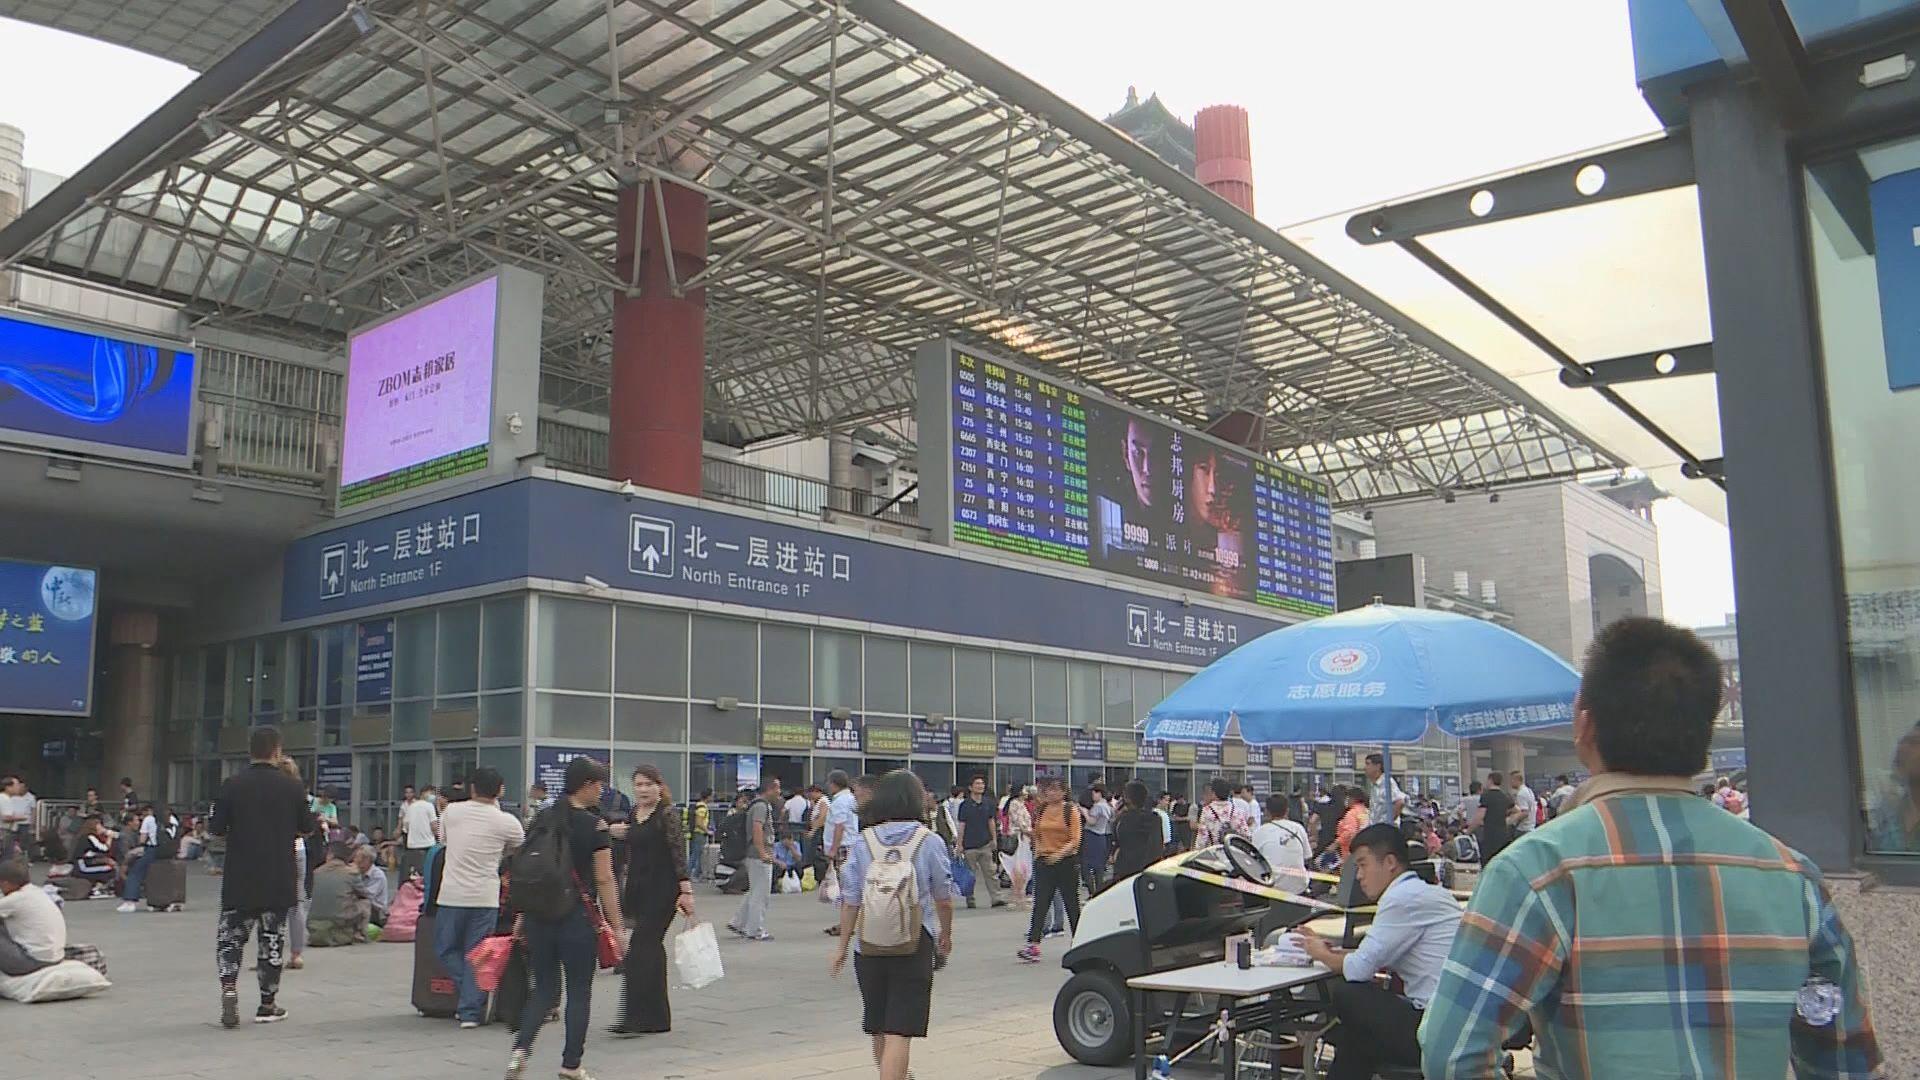 【首都專線】長途旅客對乘高鐵赴港興趣各異